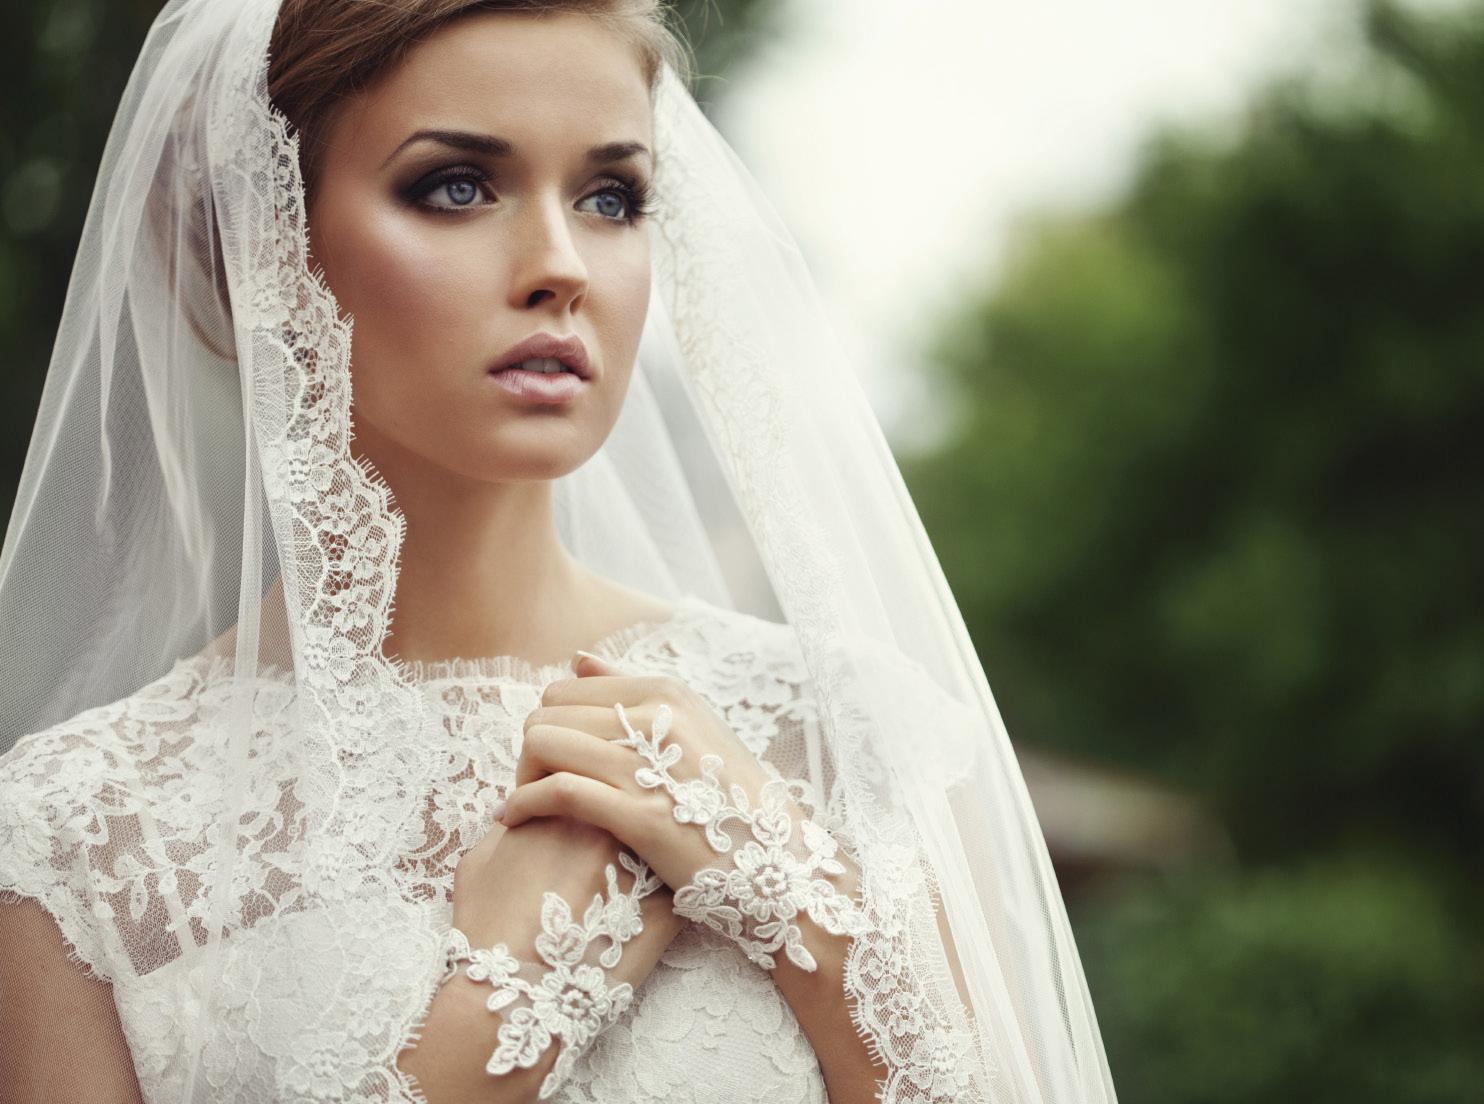 Фата невесты своими руками фото 15 фотография